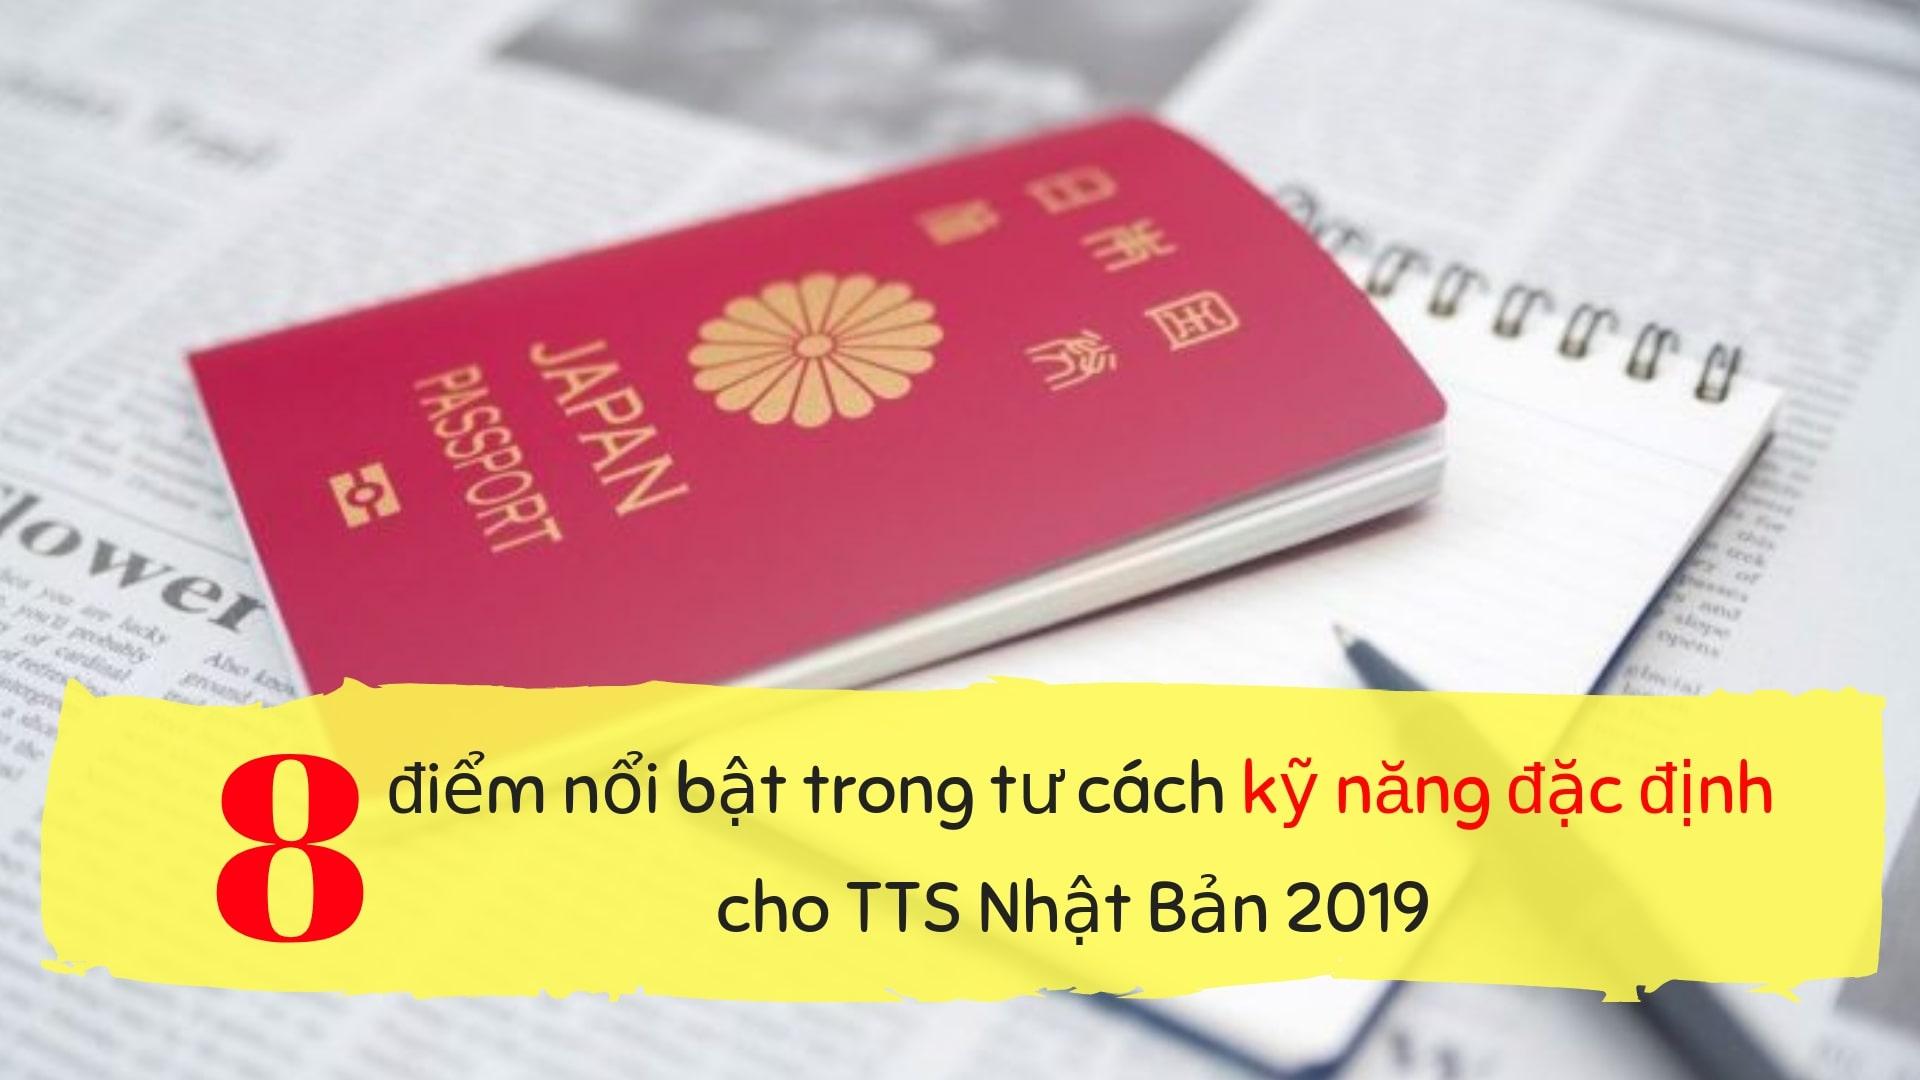 8 điểm nổi bật trong tư cách kỹ năng đặc định cho TTS Nhật Bản 2019